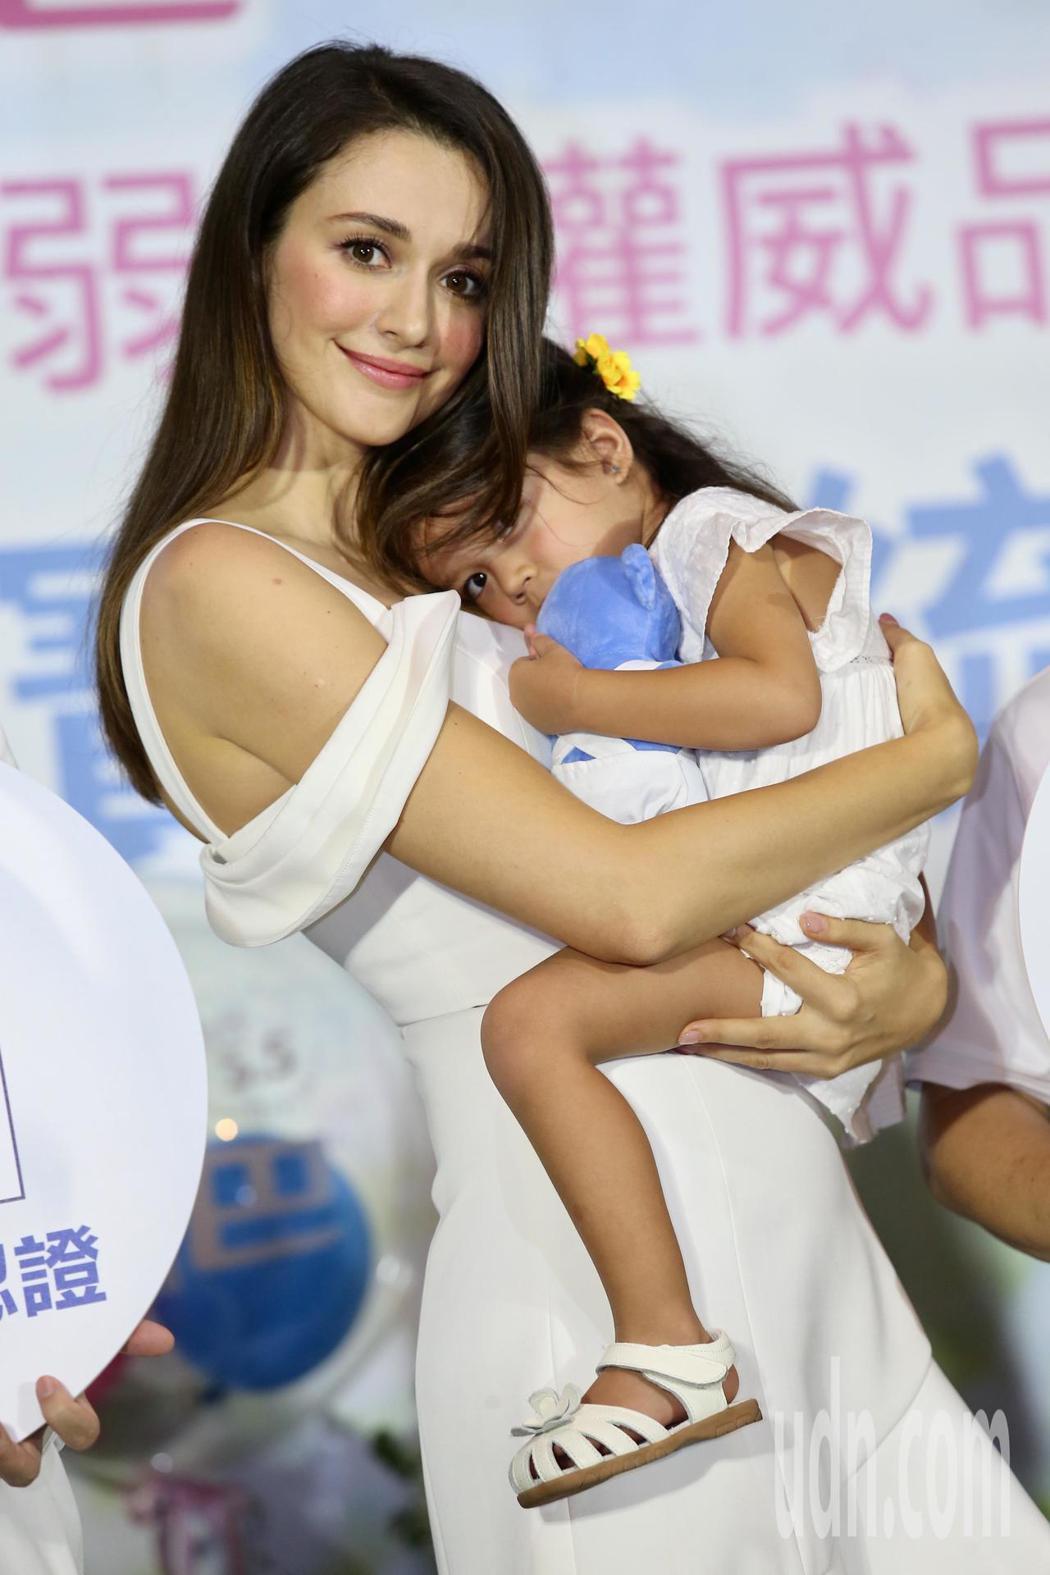 瑞莎攜手女兒同台代言德國嬰兒抗敏沐浴品。記者徐兆玄/攝影